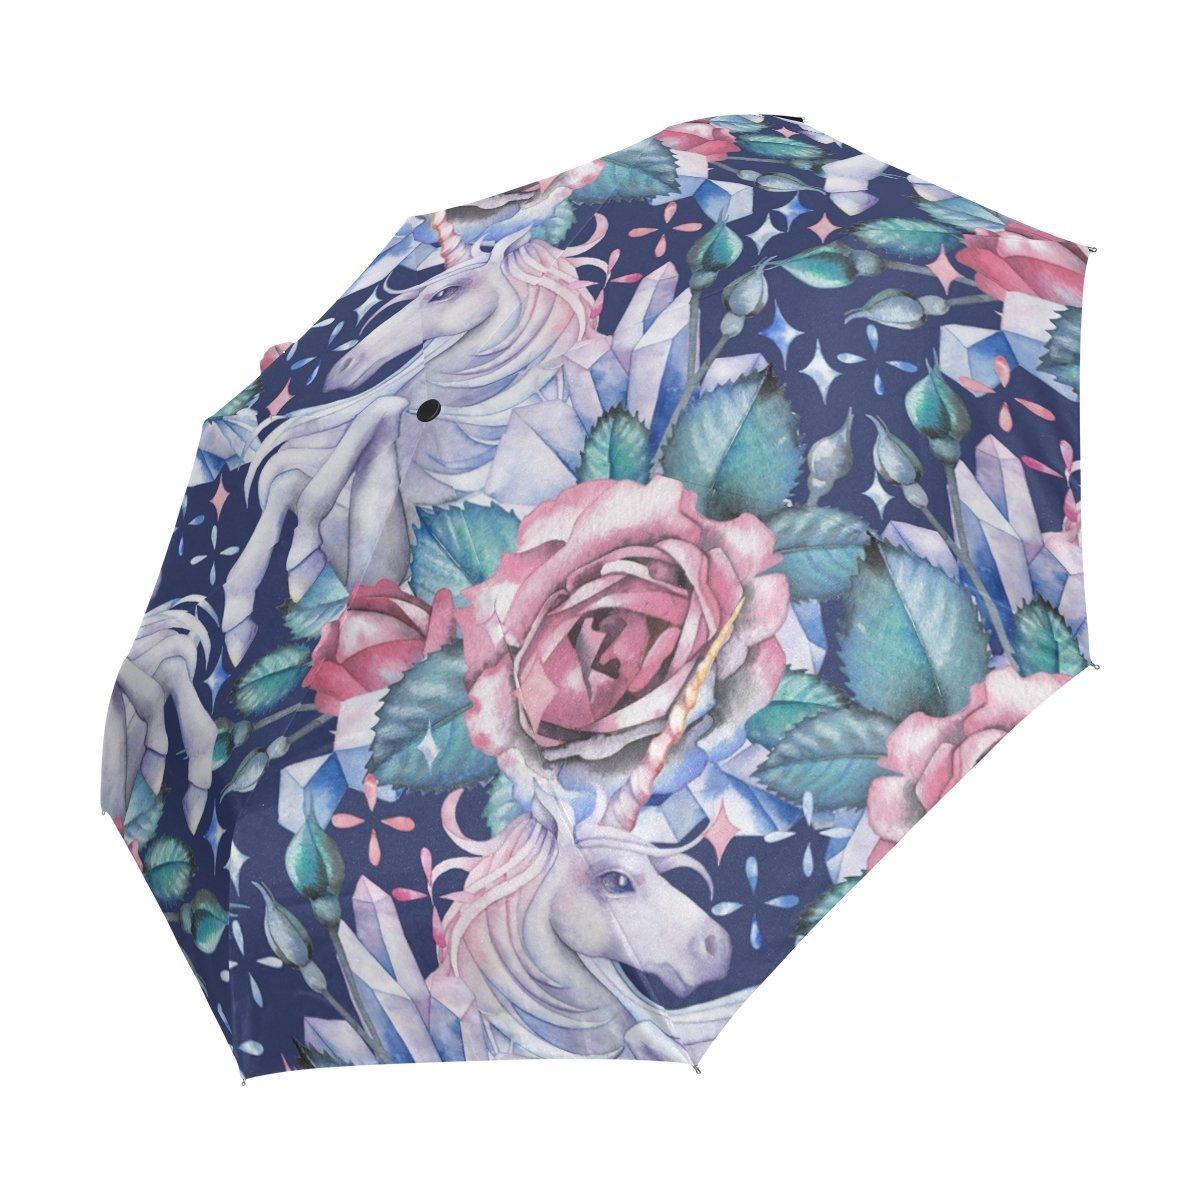 cab4b5be32df Cheap Lightweight Umbrellas, find Lightweight Umbrellas deals on ...